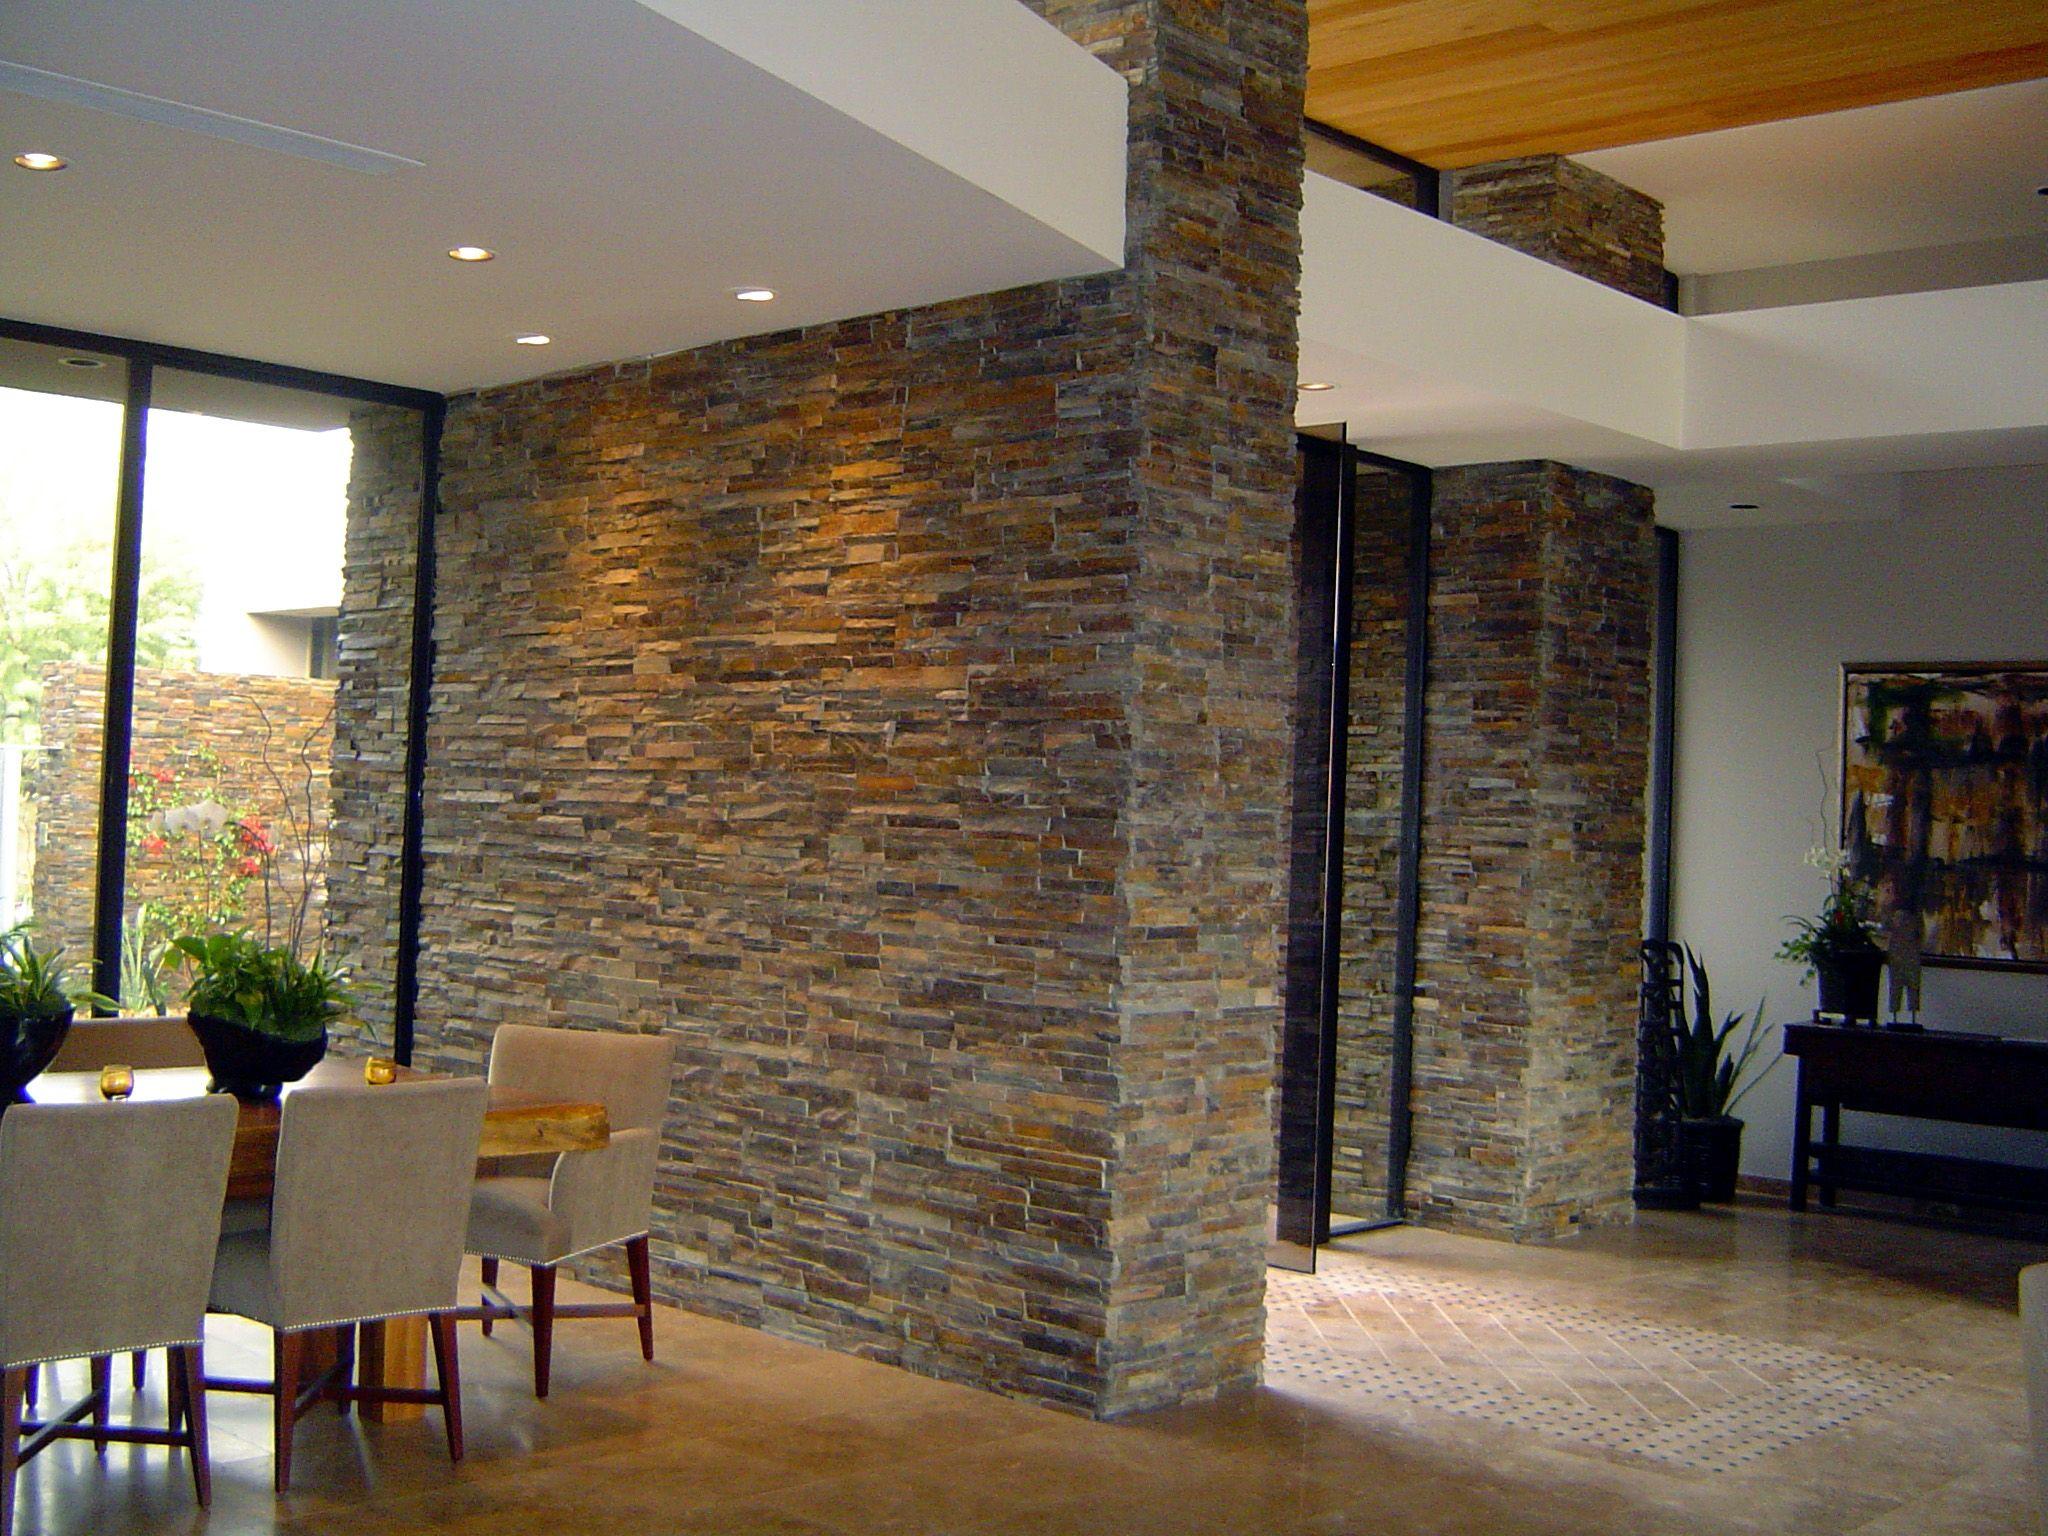 Estupendo sal n decorado con paneles premontados de piedra - Paneles de piedra natural ...